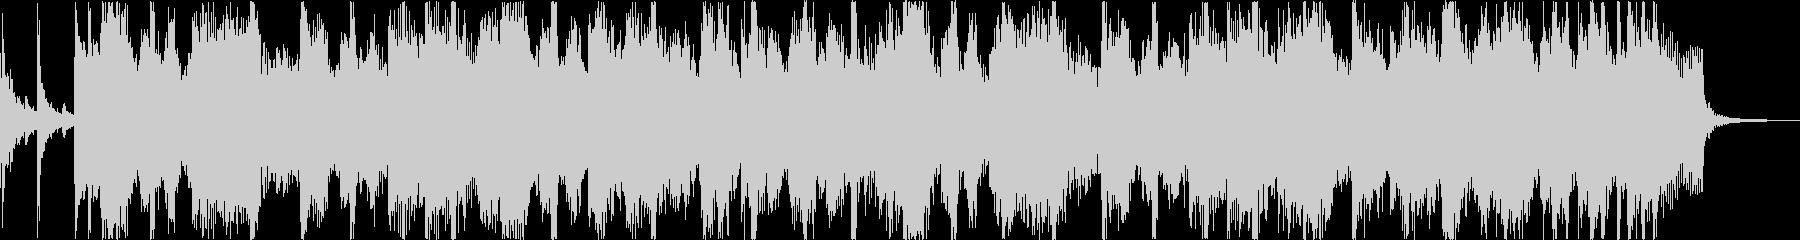 軽快おしゃれレトロディスコシティポップbの未再生の波形